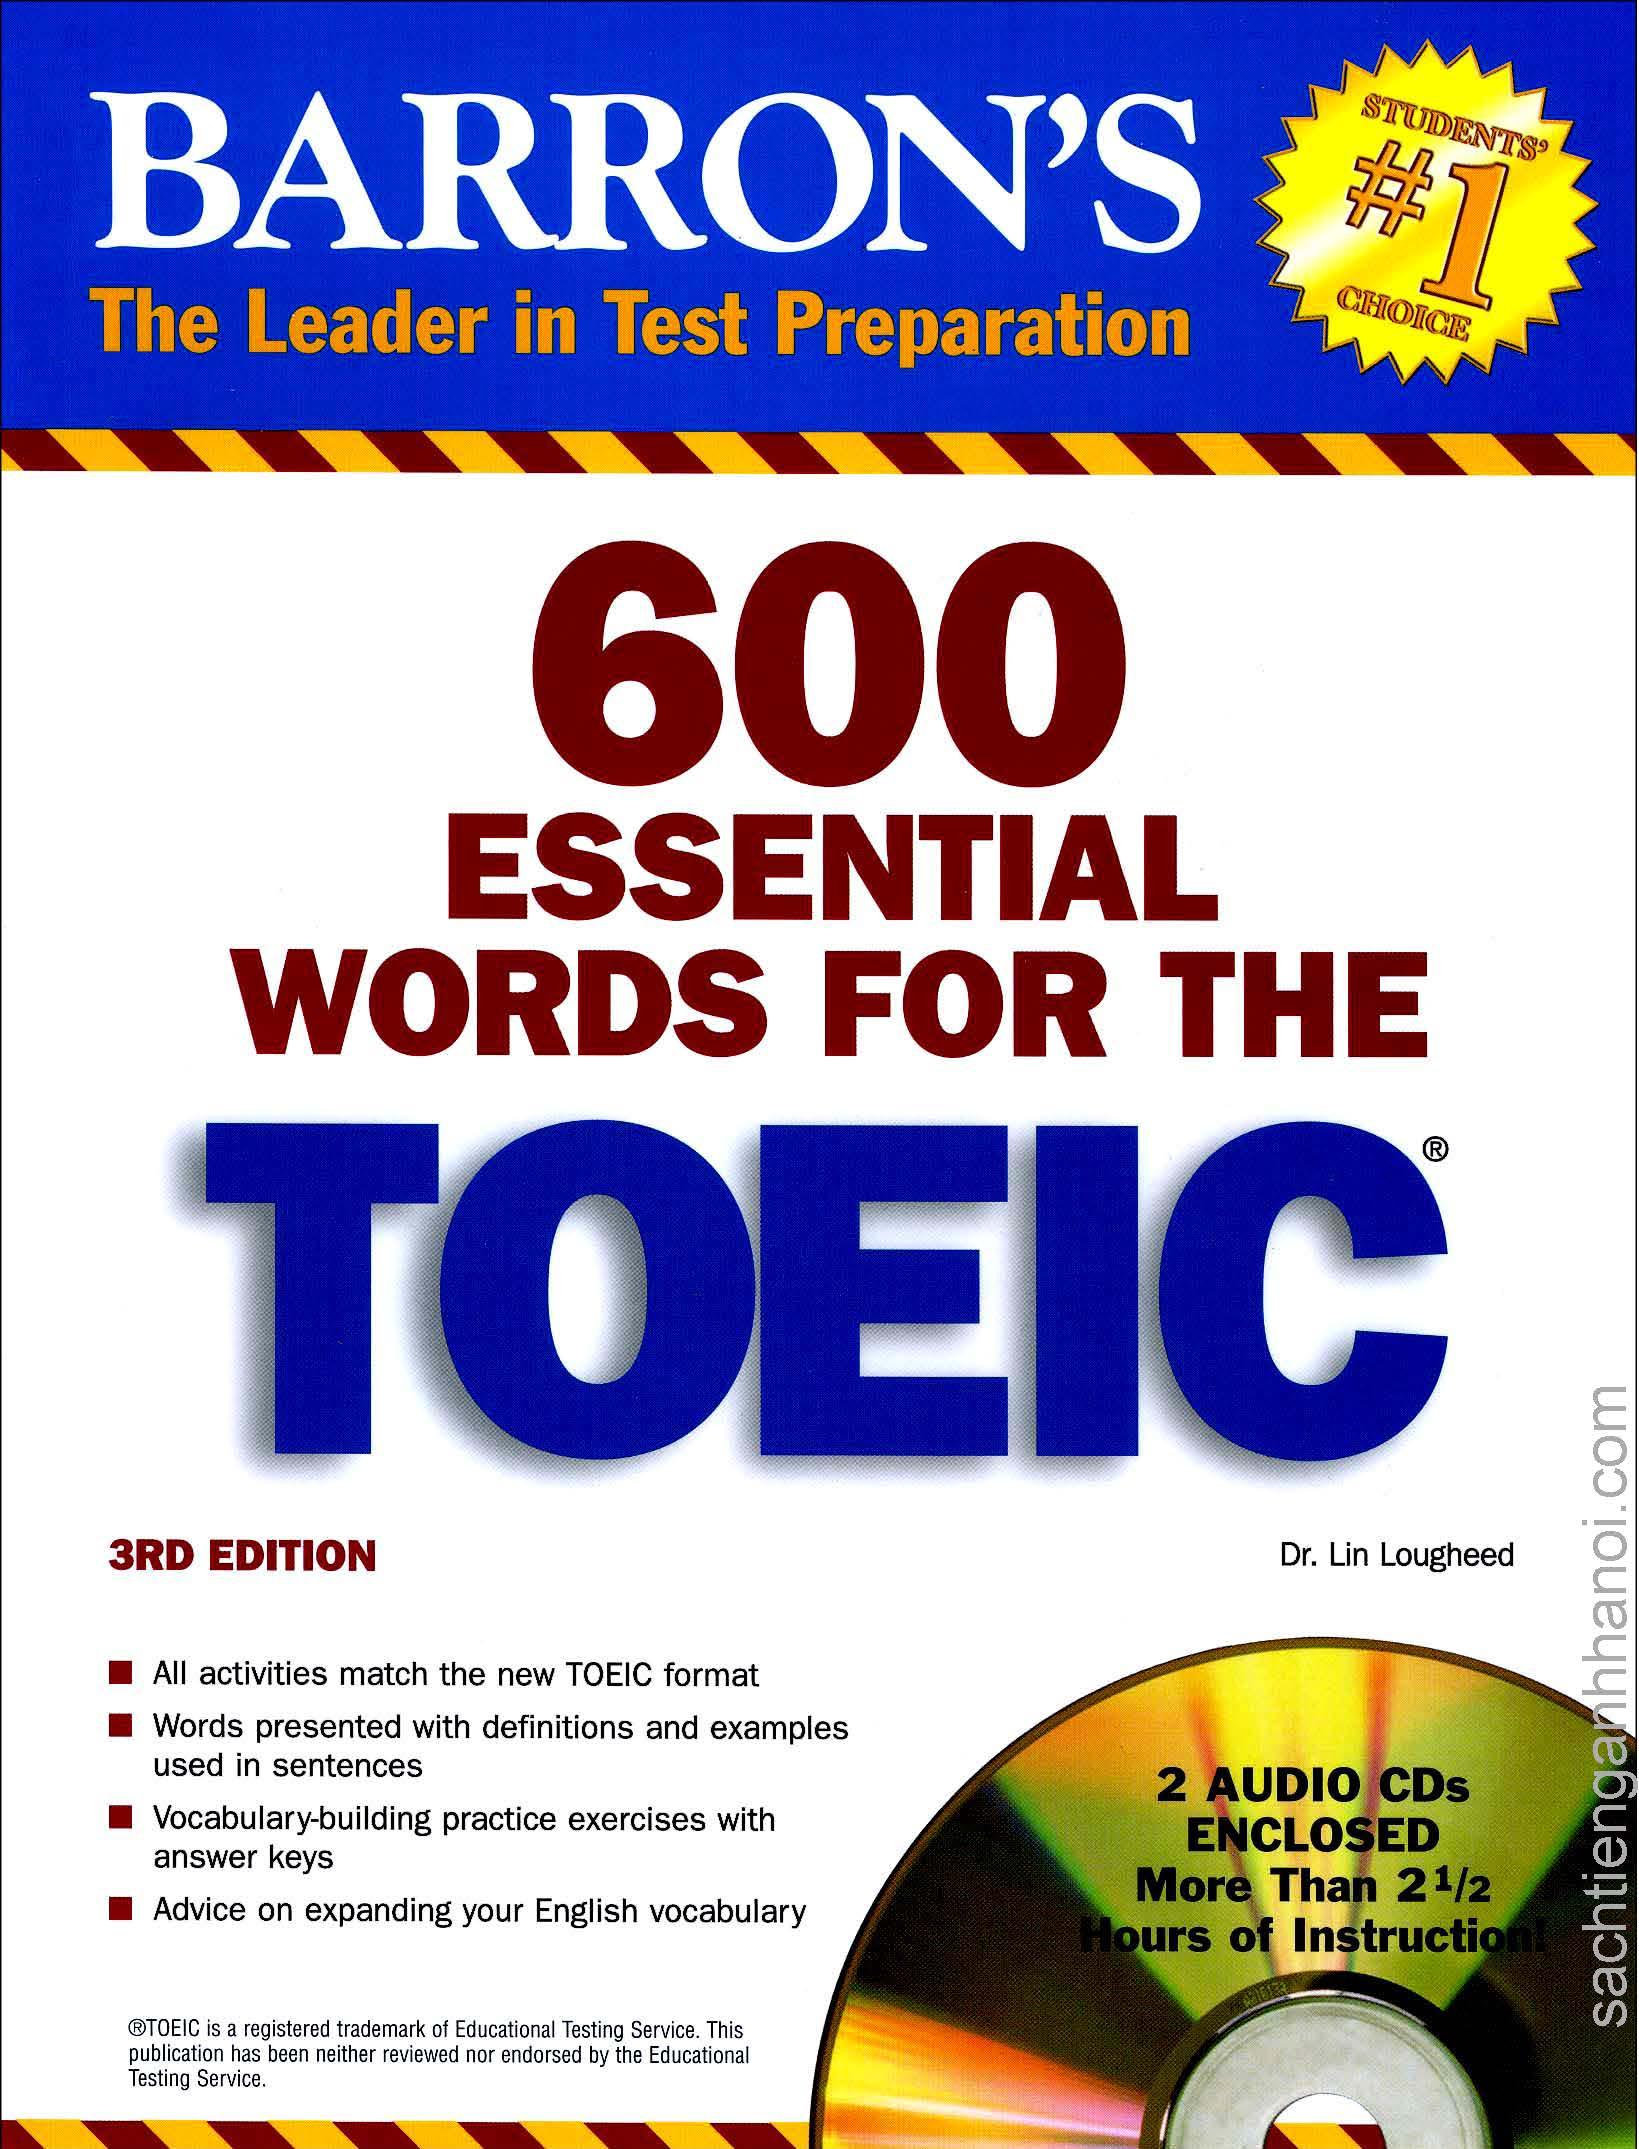 Sách] Barron's 600 Essential Words for The TOEIC (3rd Edition) - Sách gáy xoắn - SÁCH TIẾNG ANH HÀ NỘI